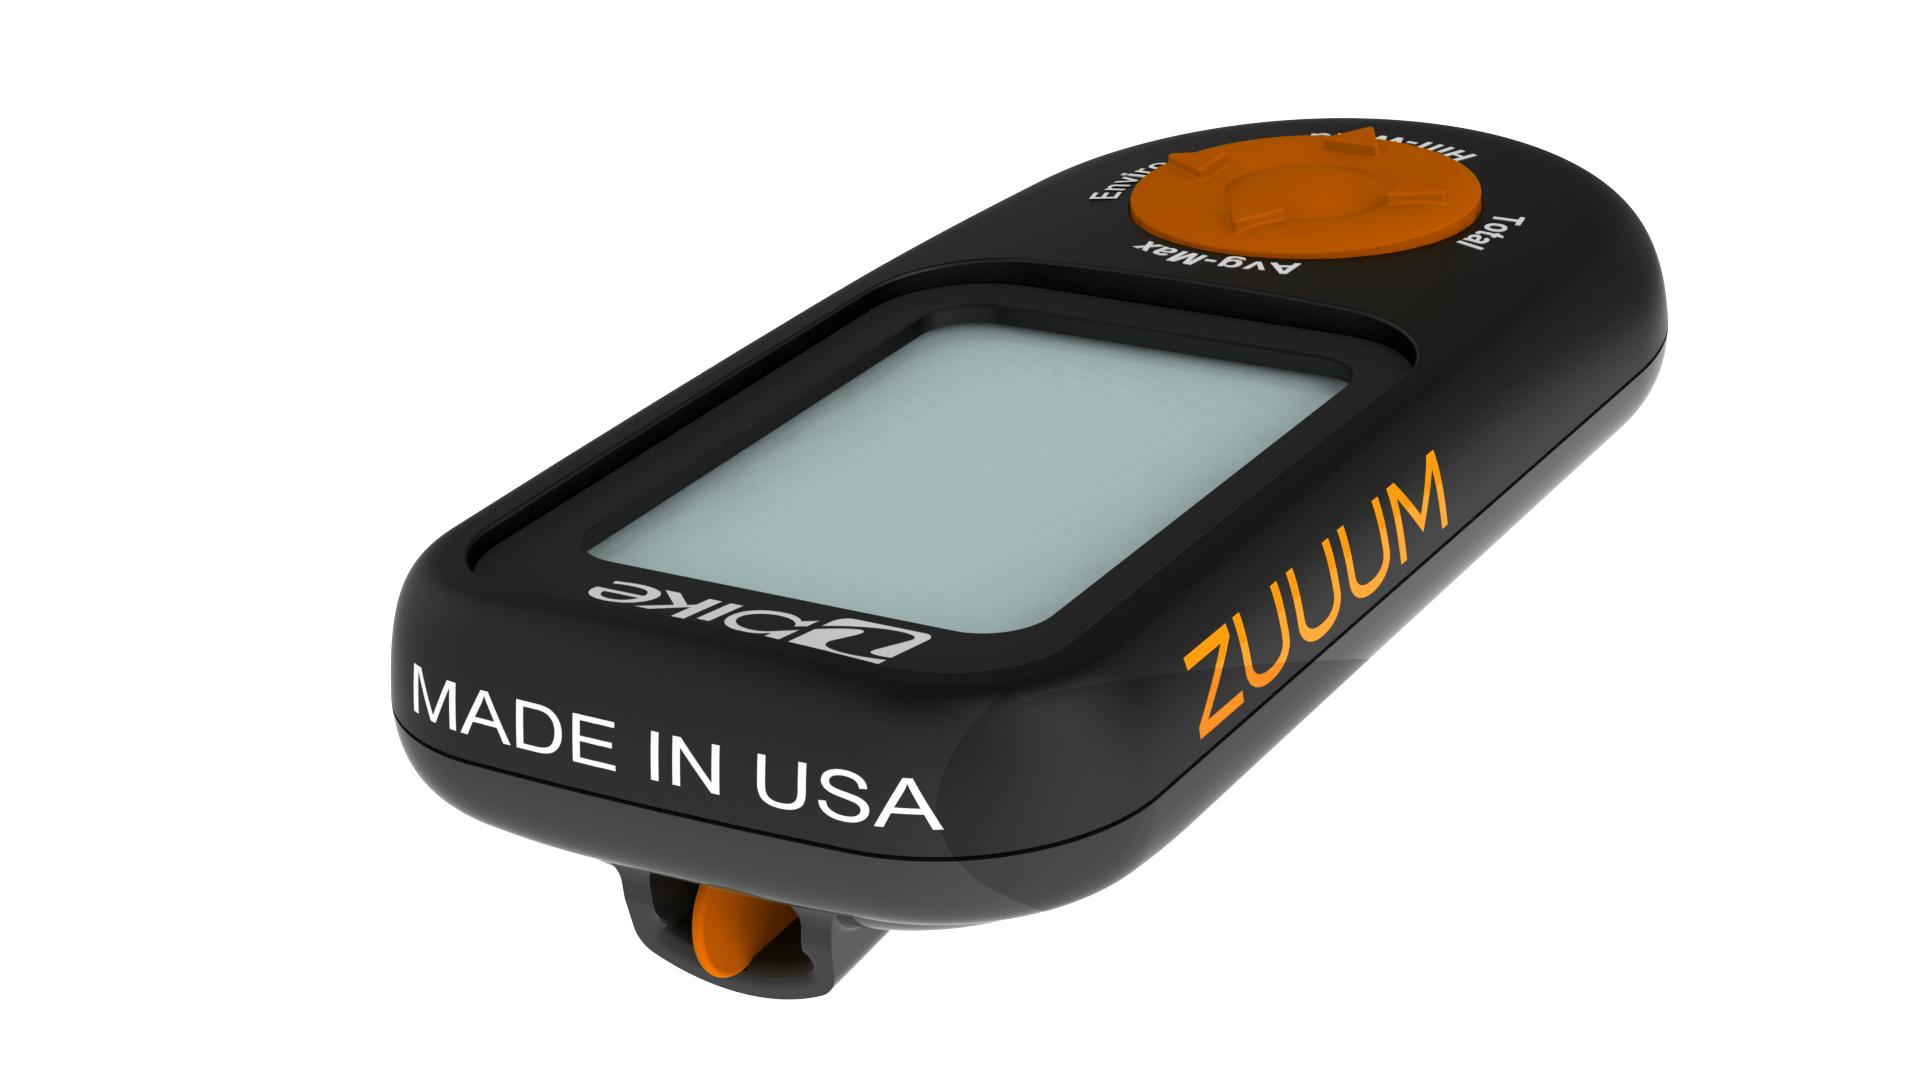 In ZUUUM Orange.